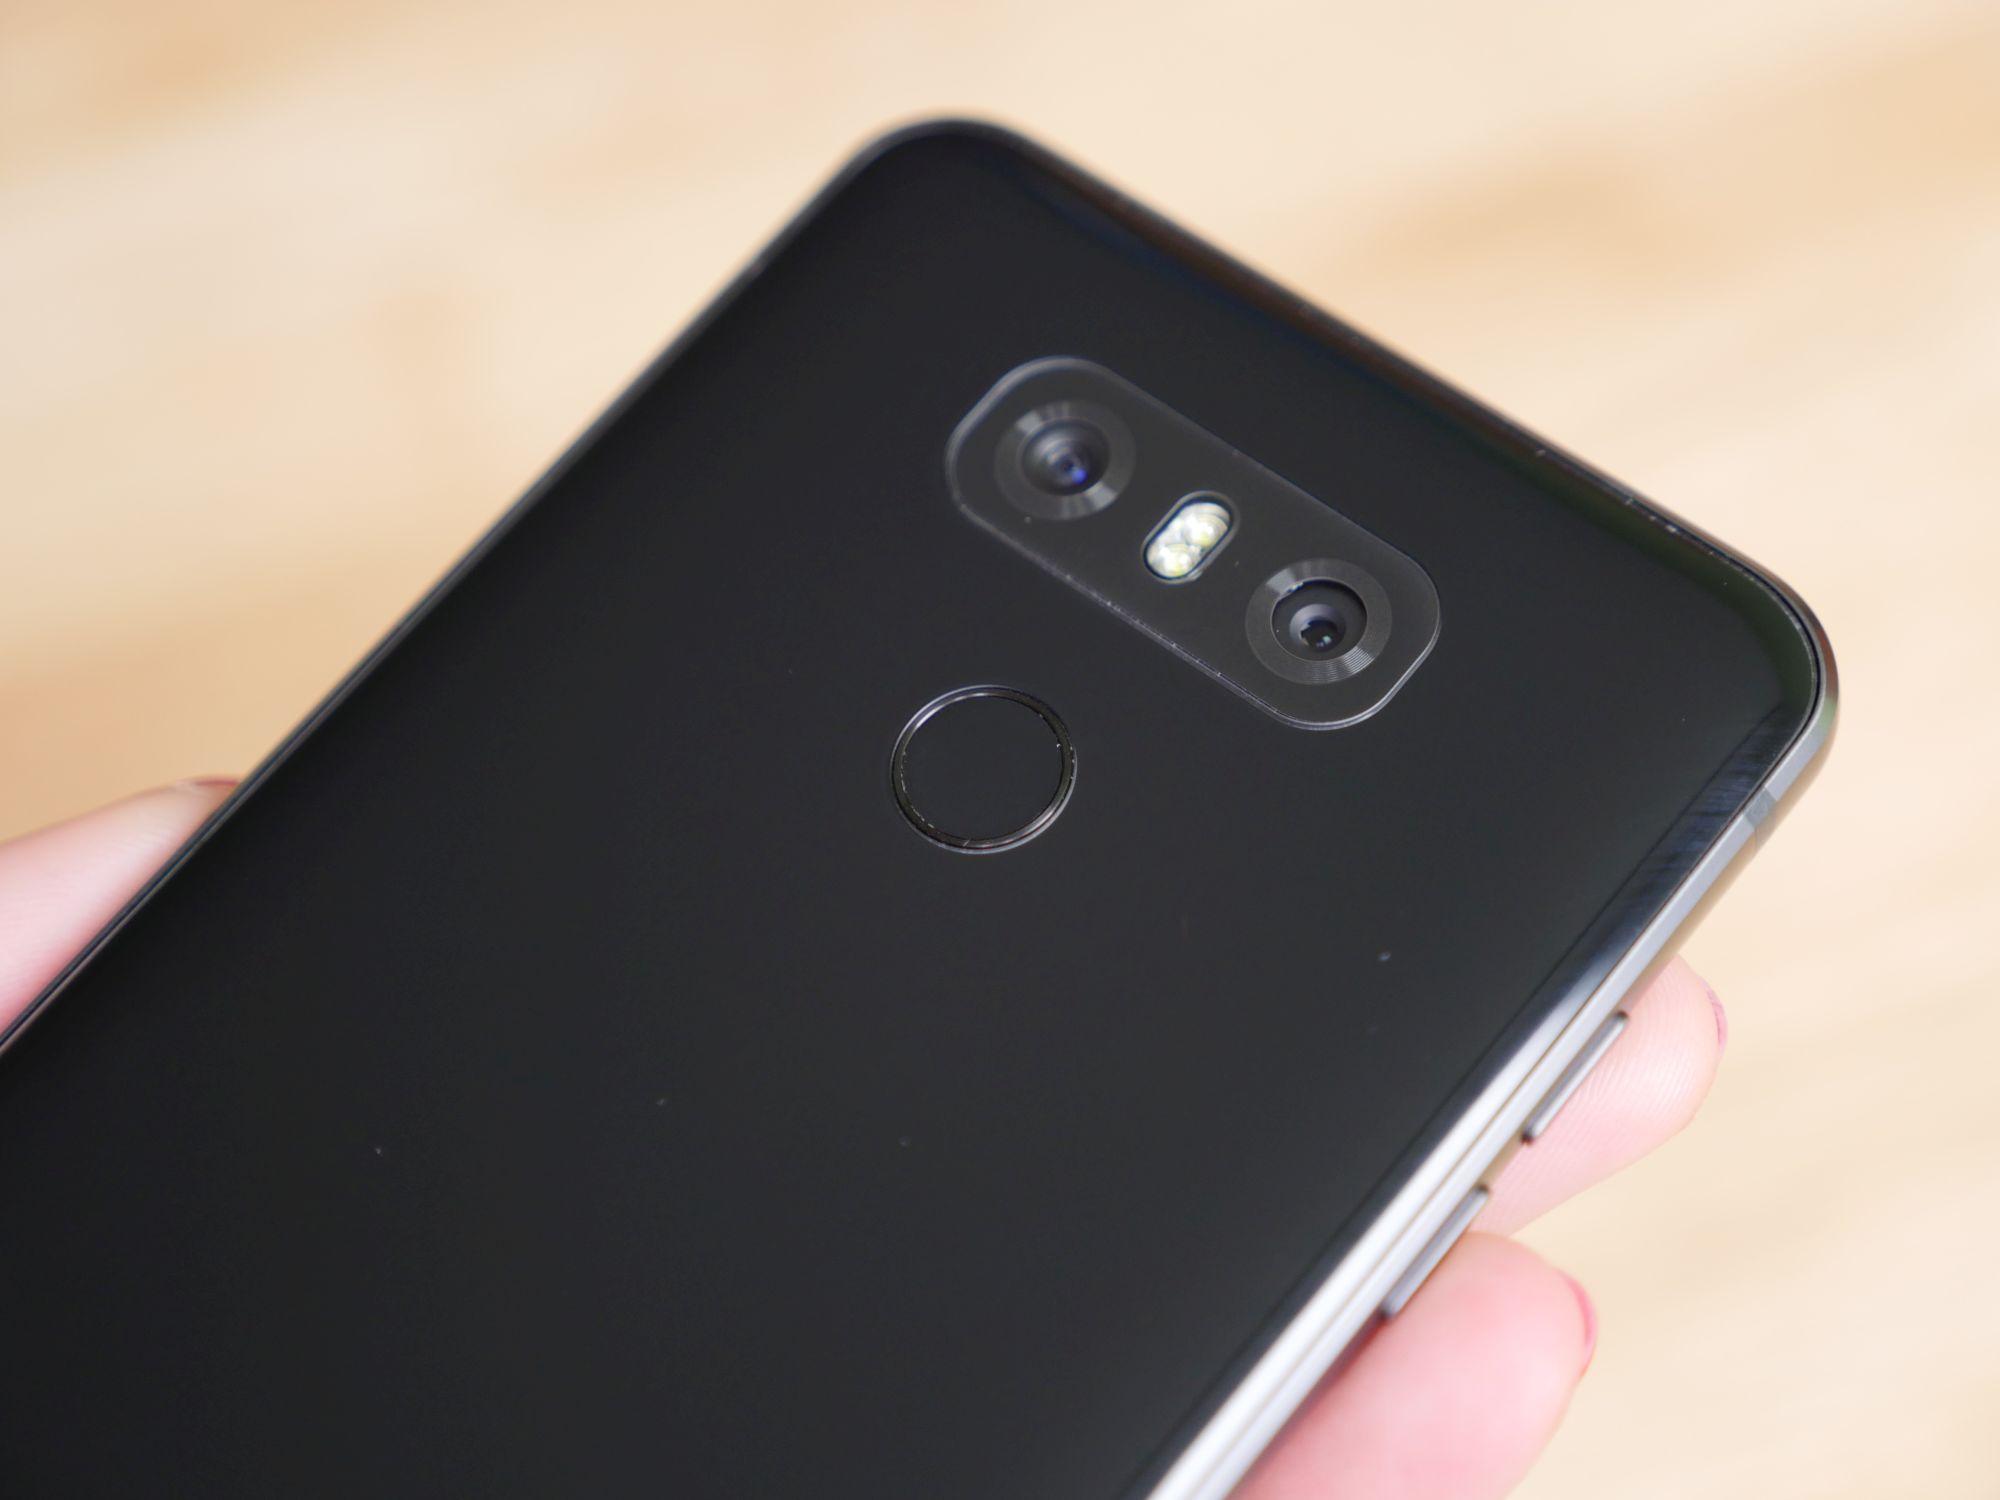 Ale wstyd! LG G6 robi znacznie gorsze zdjęcia niż LG G5! 18